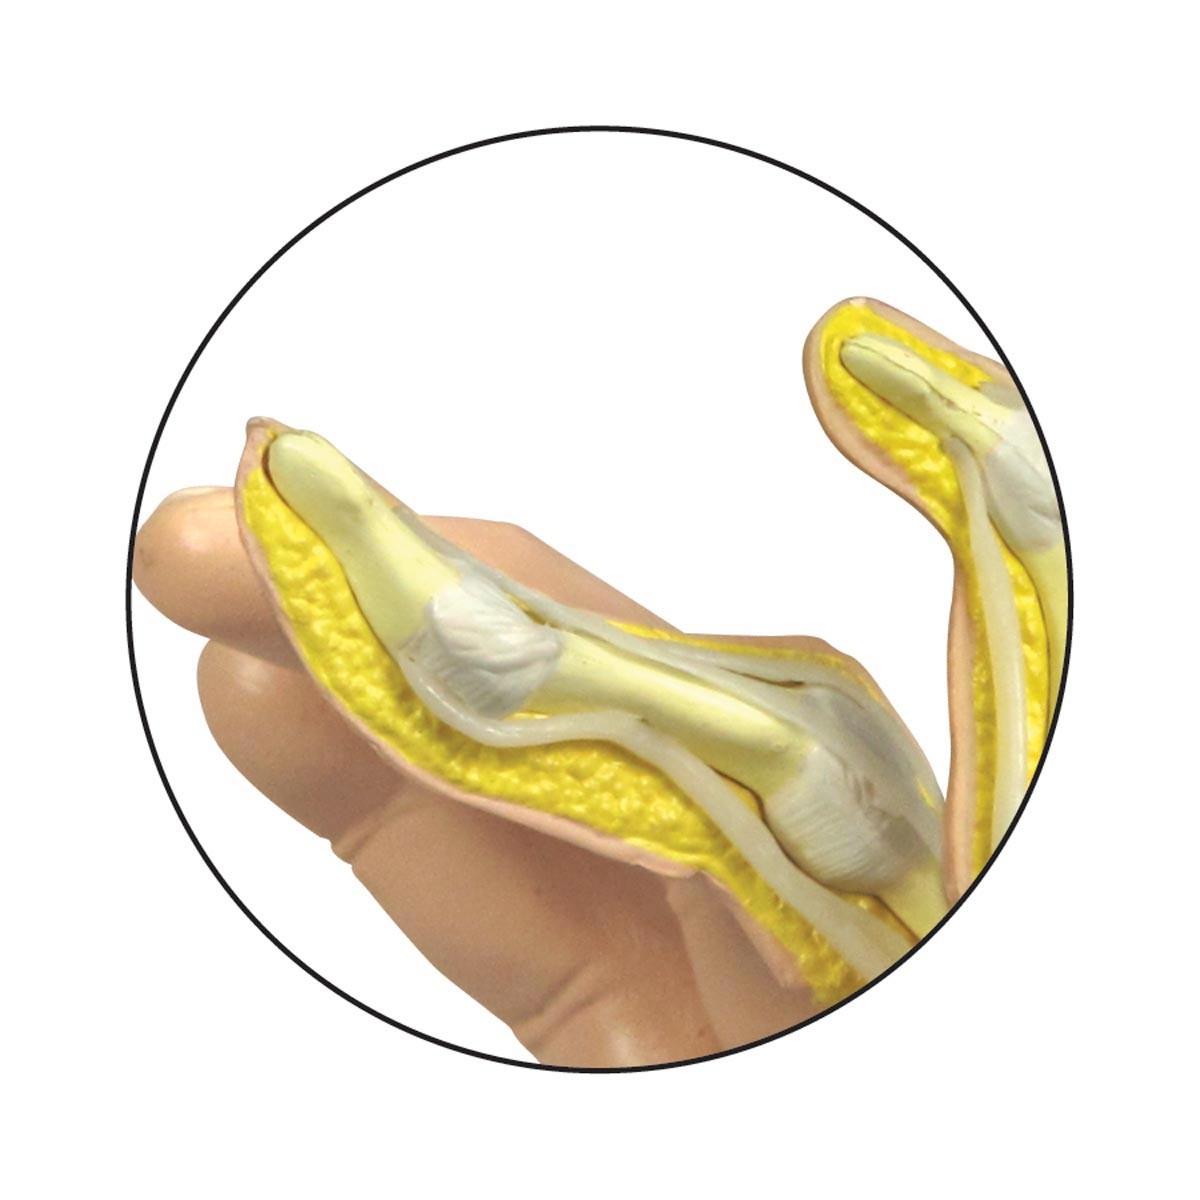 Handmodell mit rheumatoider Arthritis